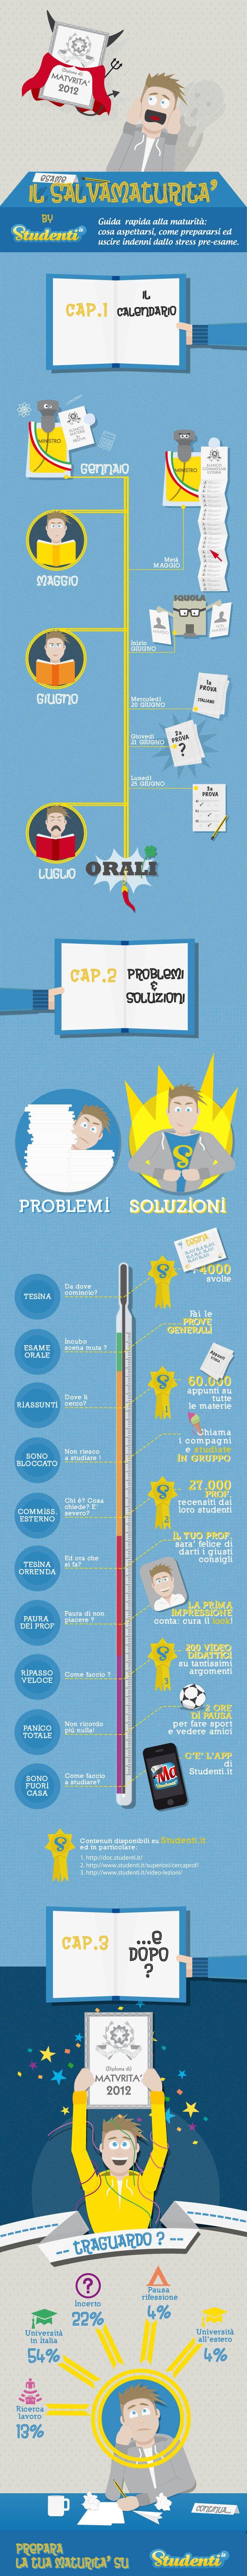 Infografica a cura di Studenti.it